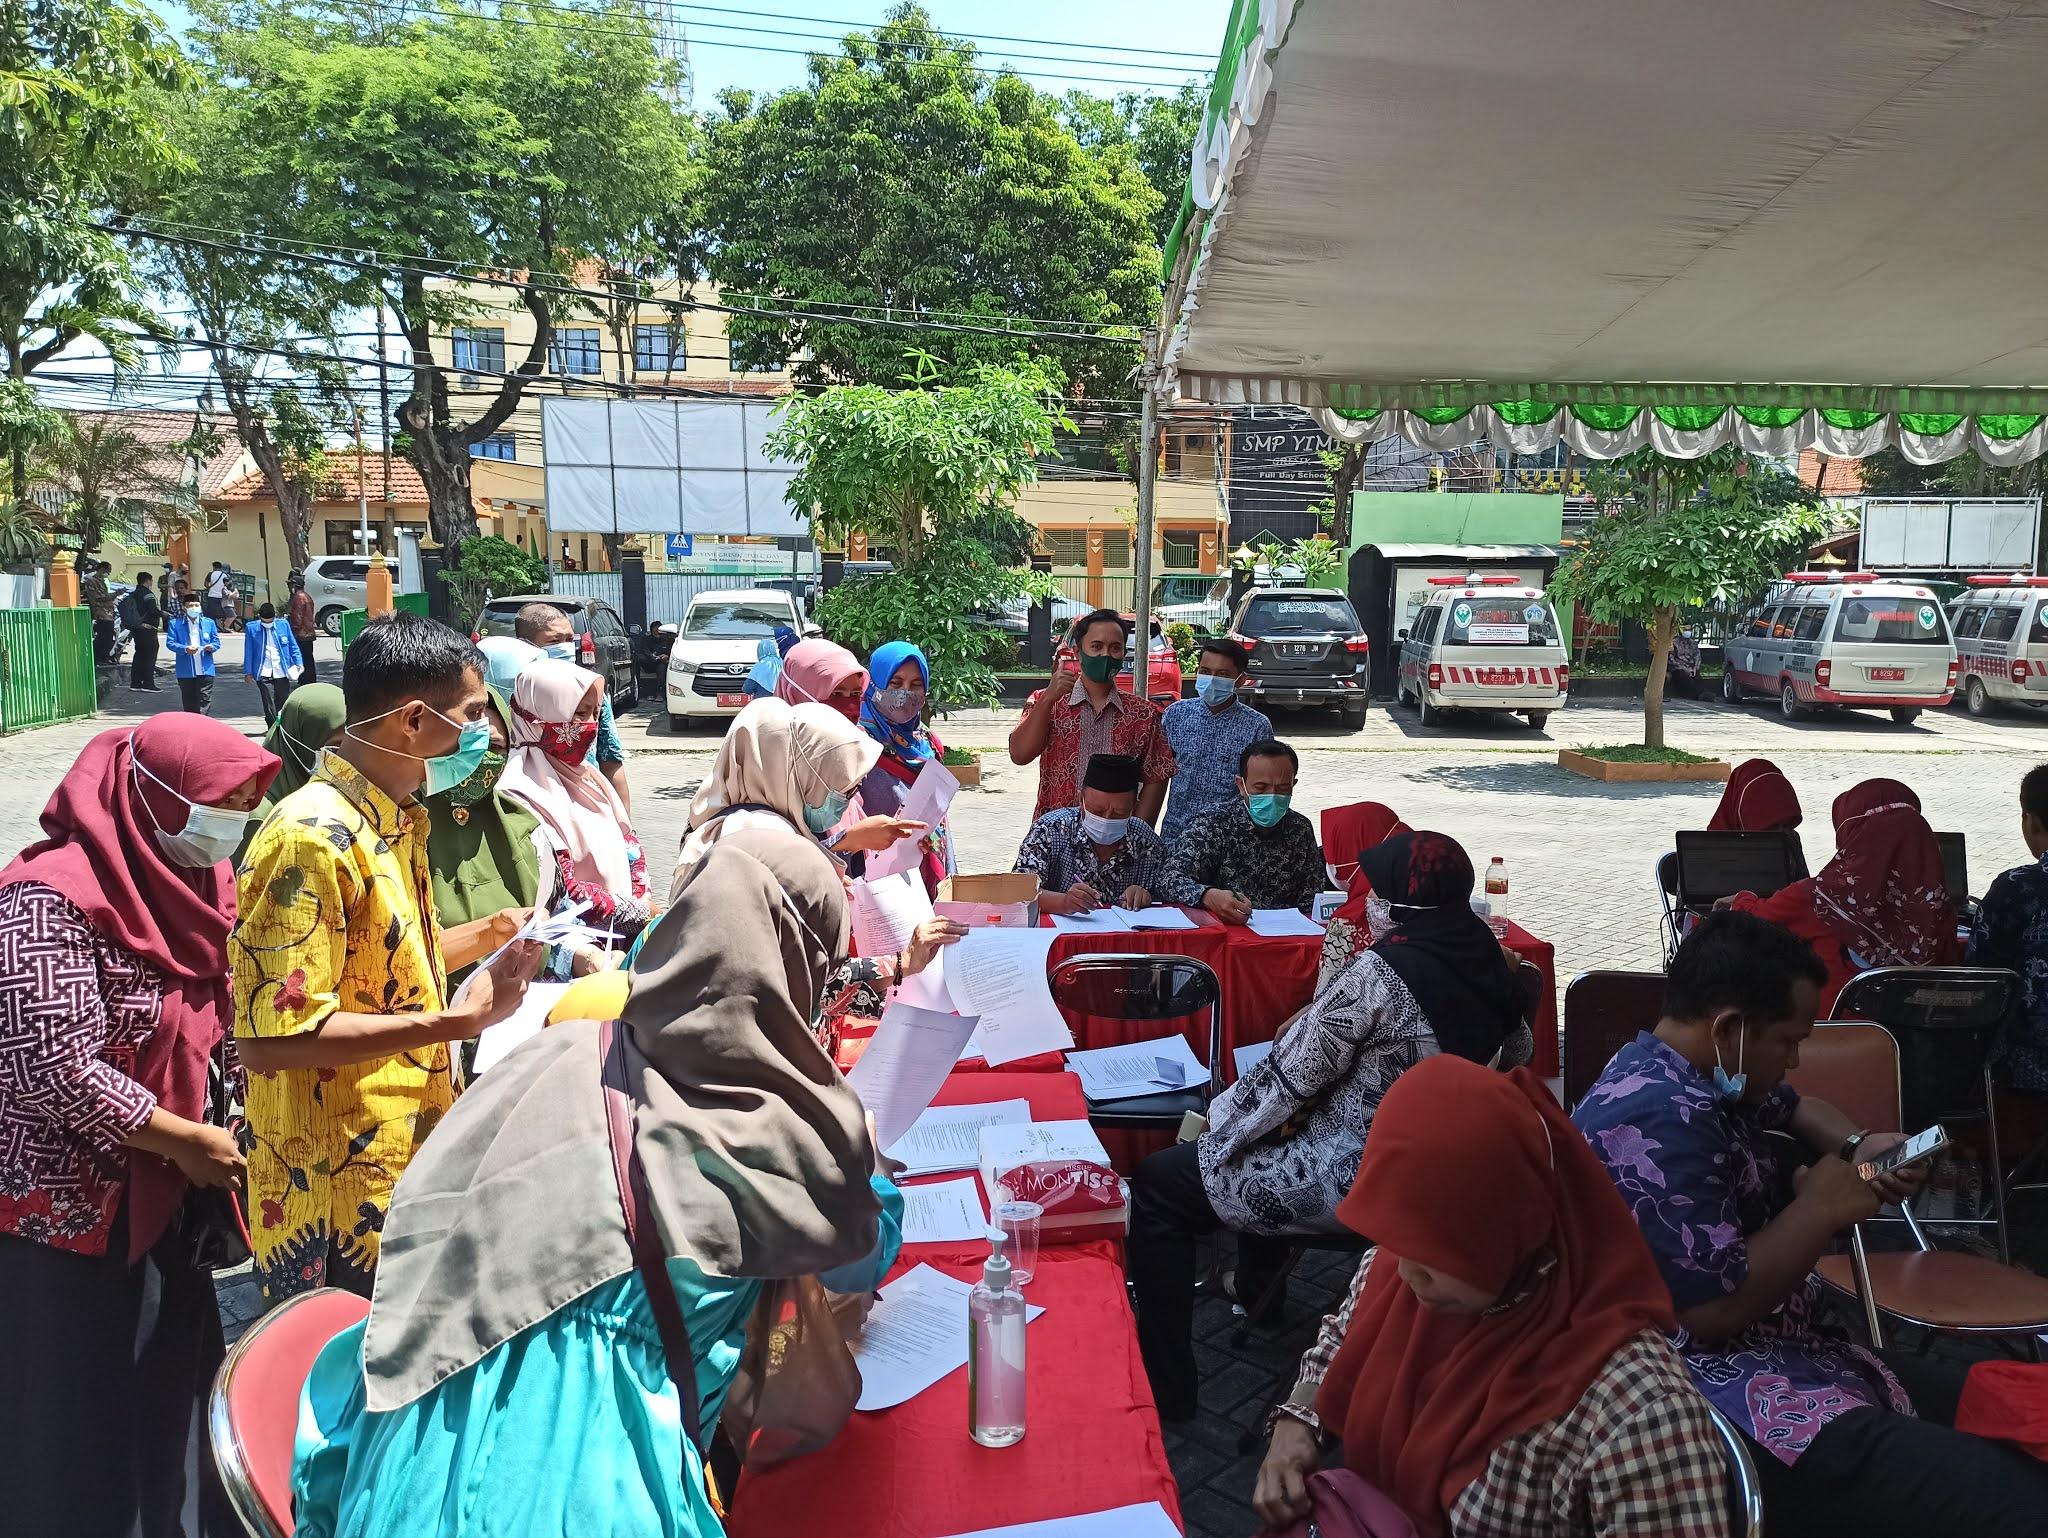 pendaftaran peserta vaksinasi Covid-19 di halaman kantor kementerian agama kabupaten gresik